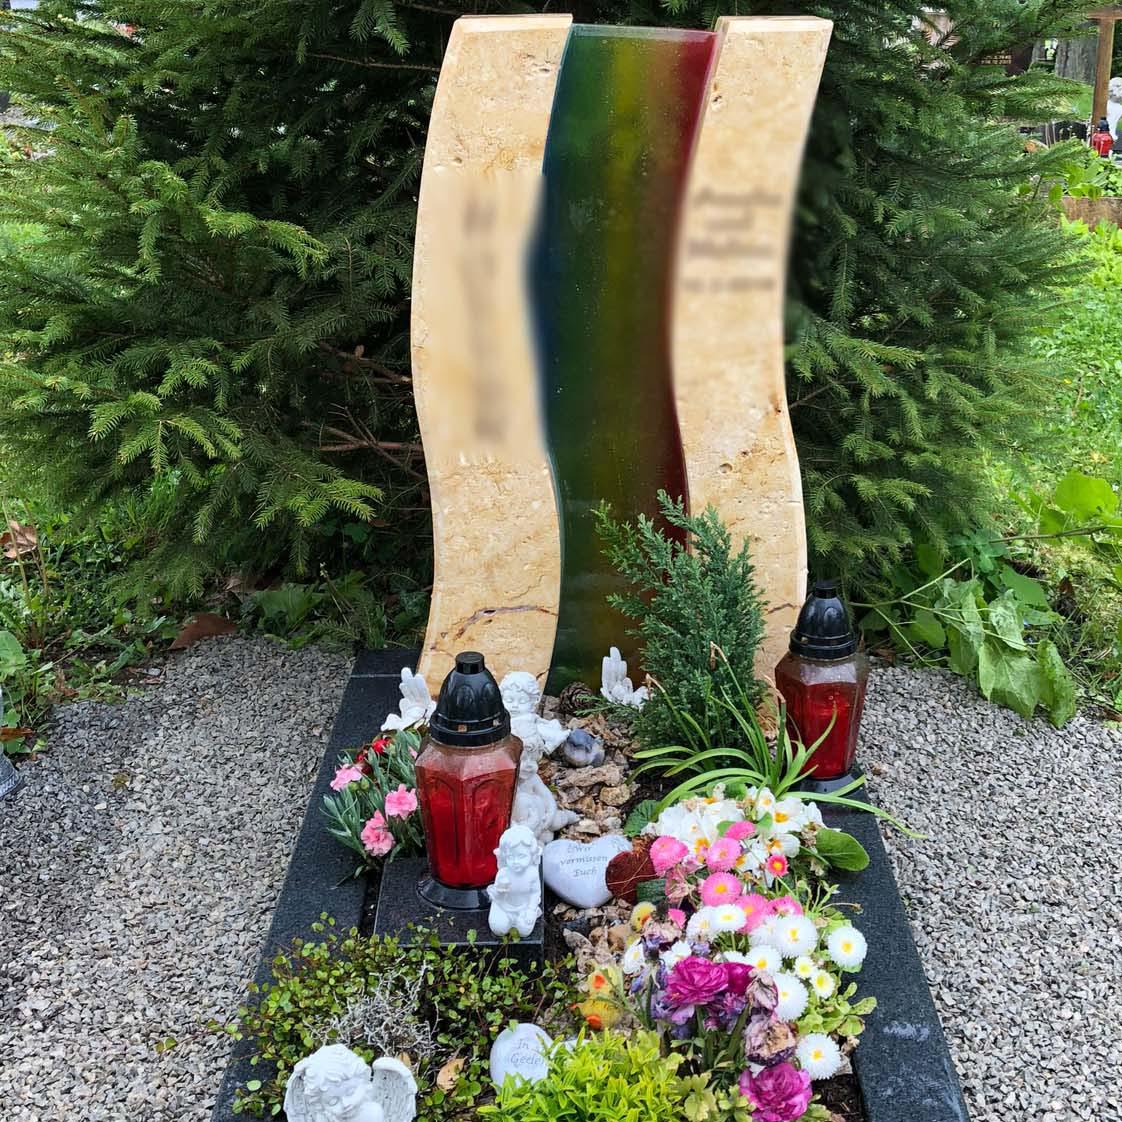 schöner Einzelgrabstein mit Regenbogenfarben